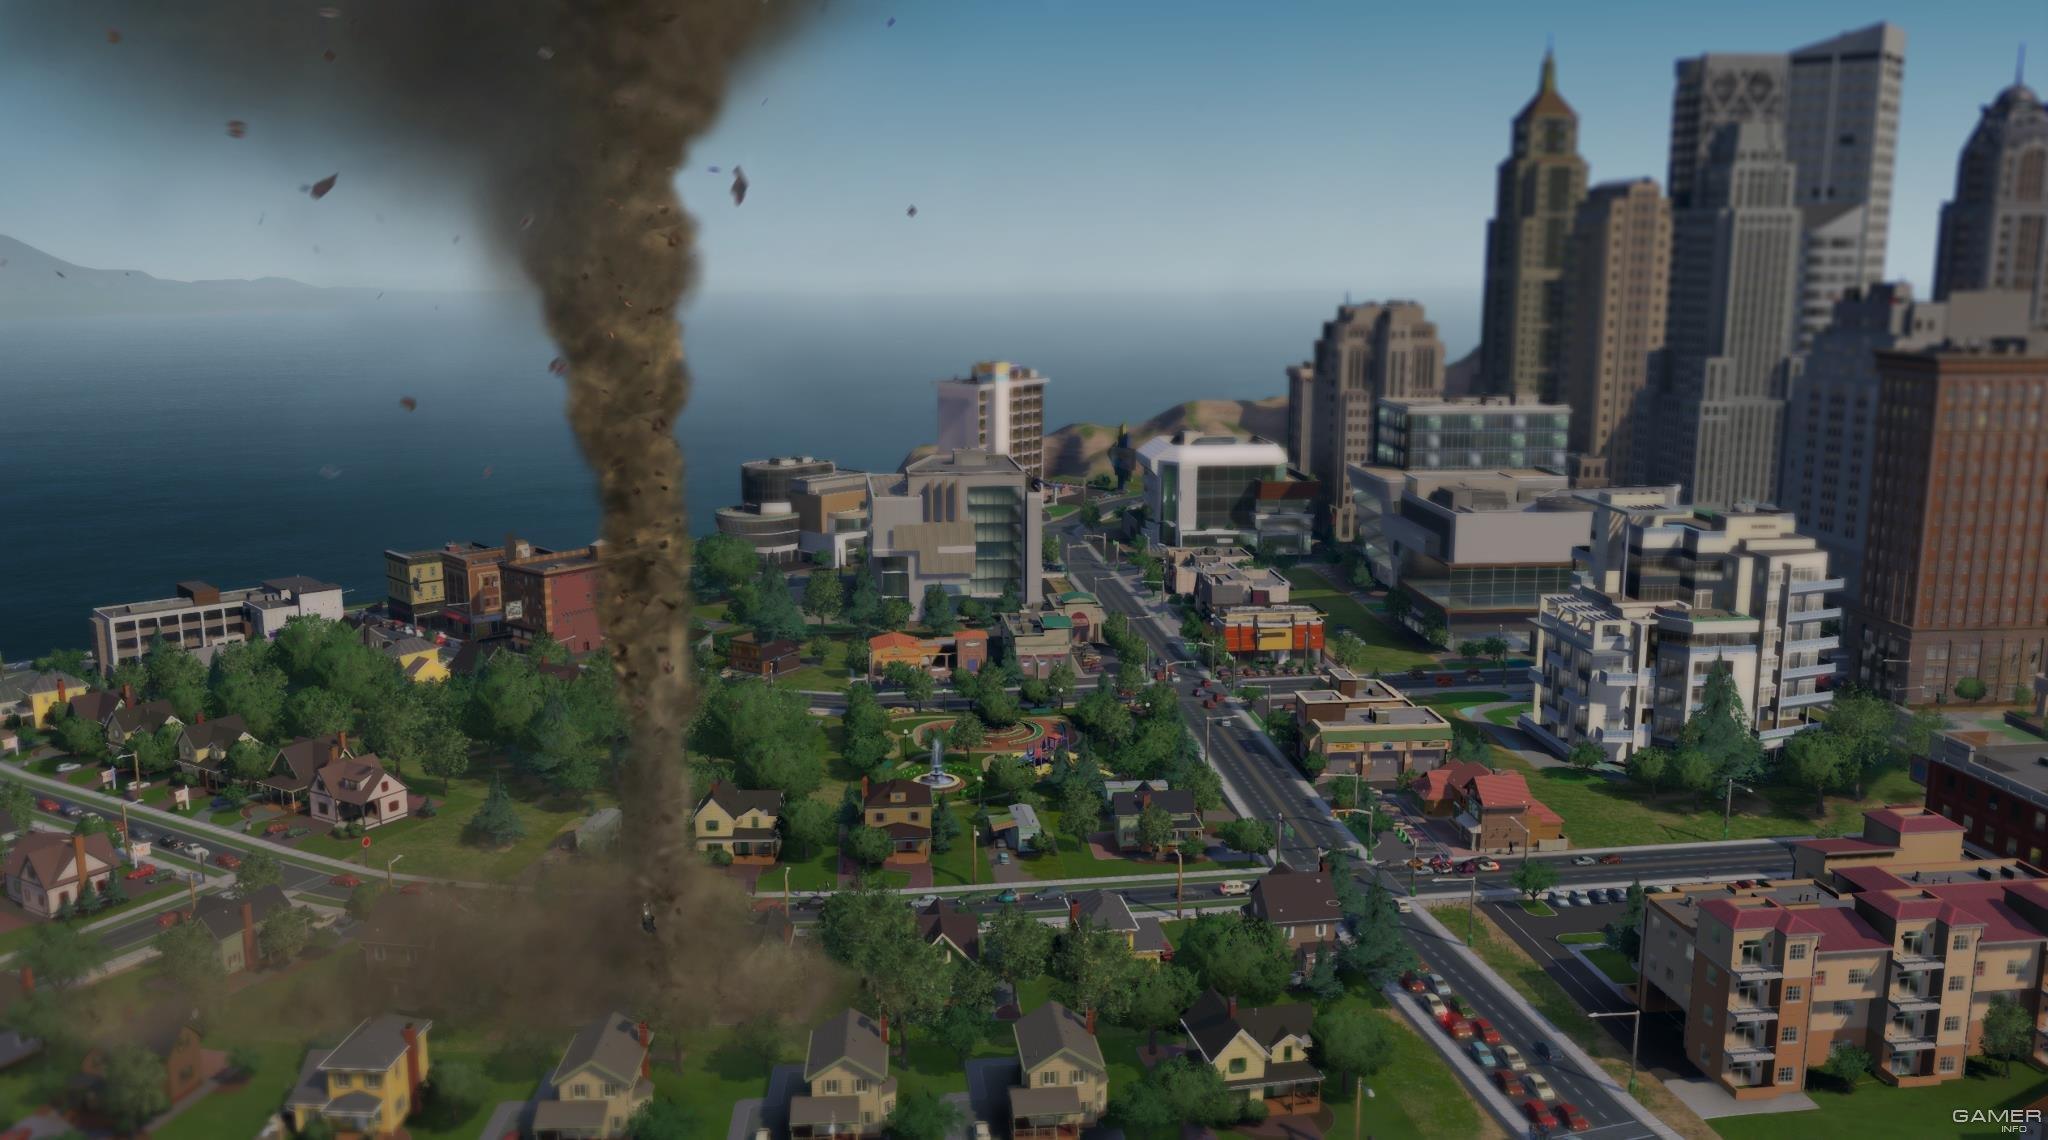 В сети были опубликованы оценки различных зарубежных порталов градостроительному симулятору SimCity. Мнения о возрож ... - Изображение 1